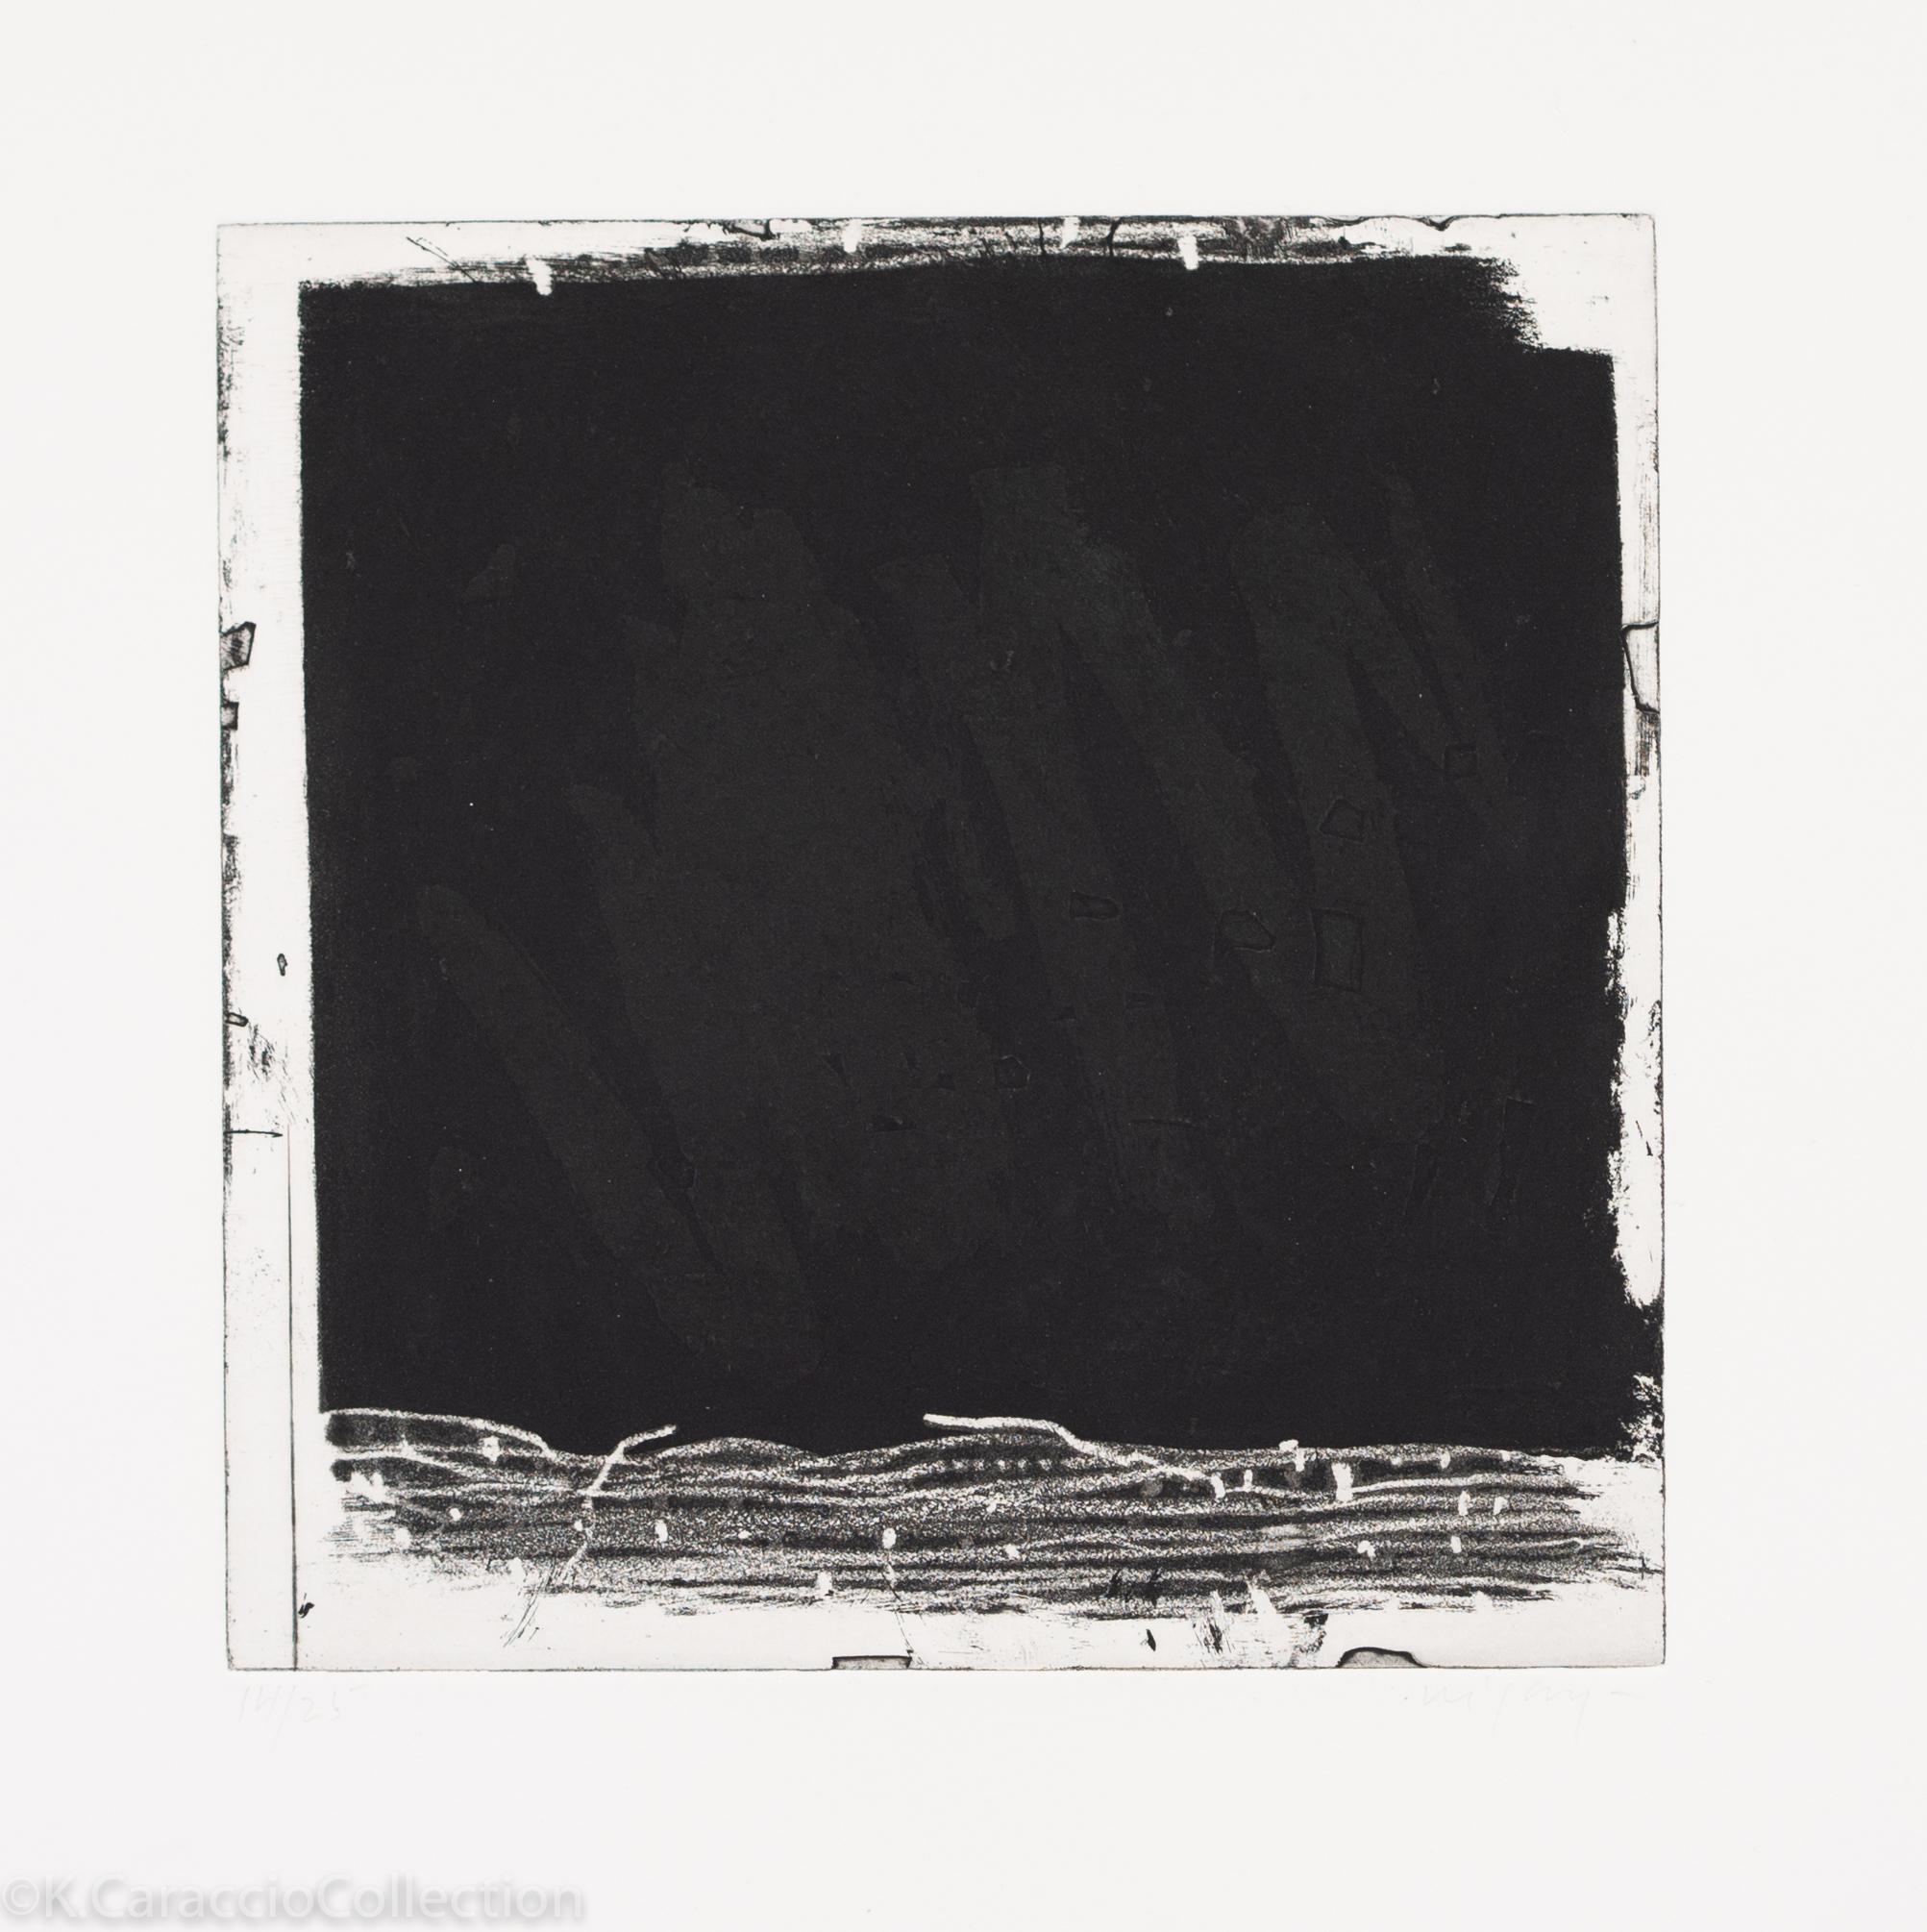 No Title, 1992